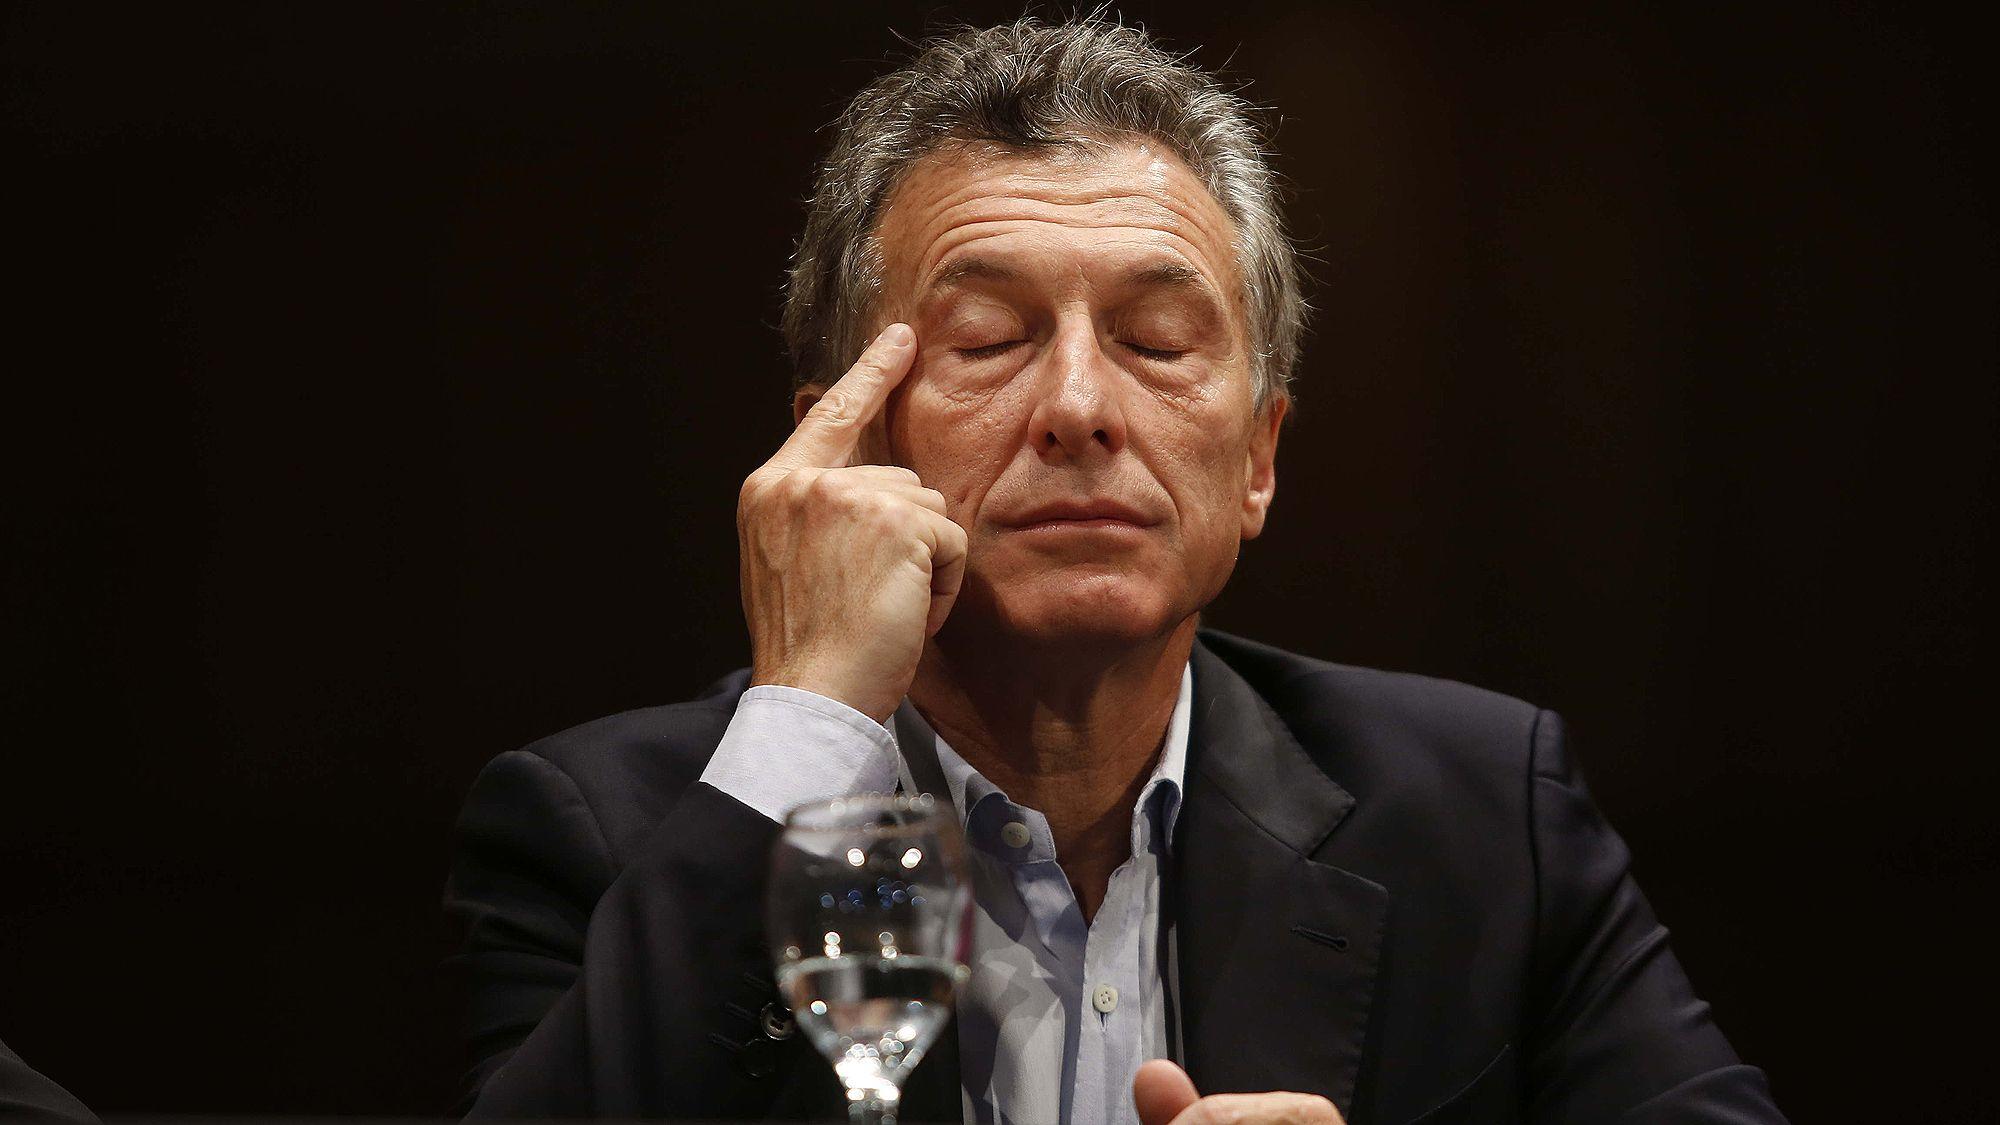 VIDEO: Los documentos que prueban que Macri lavó dinero